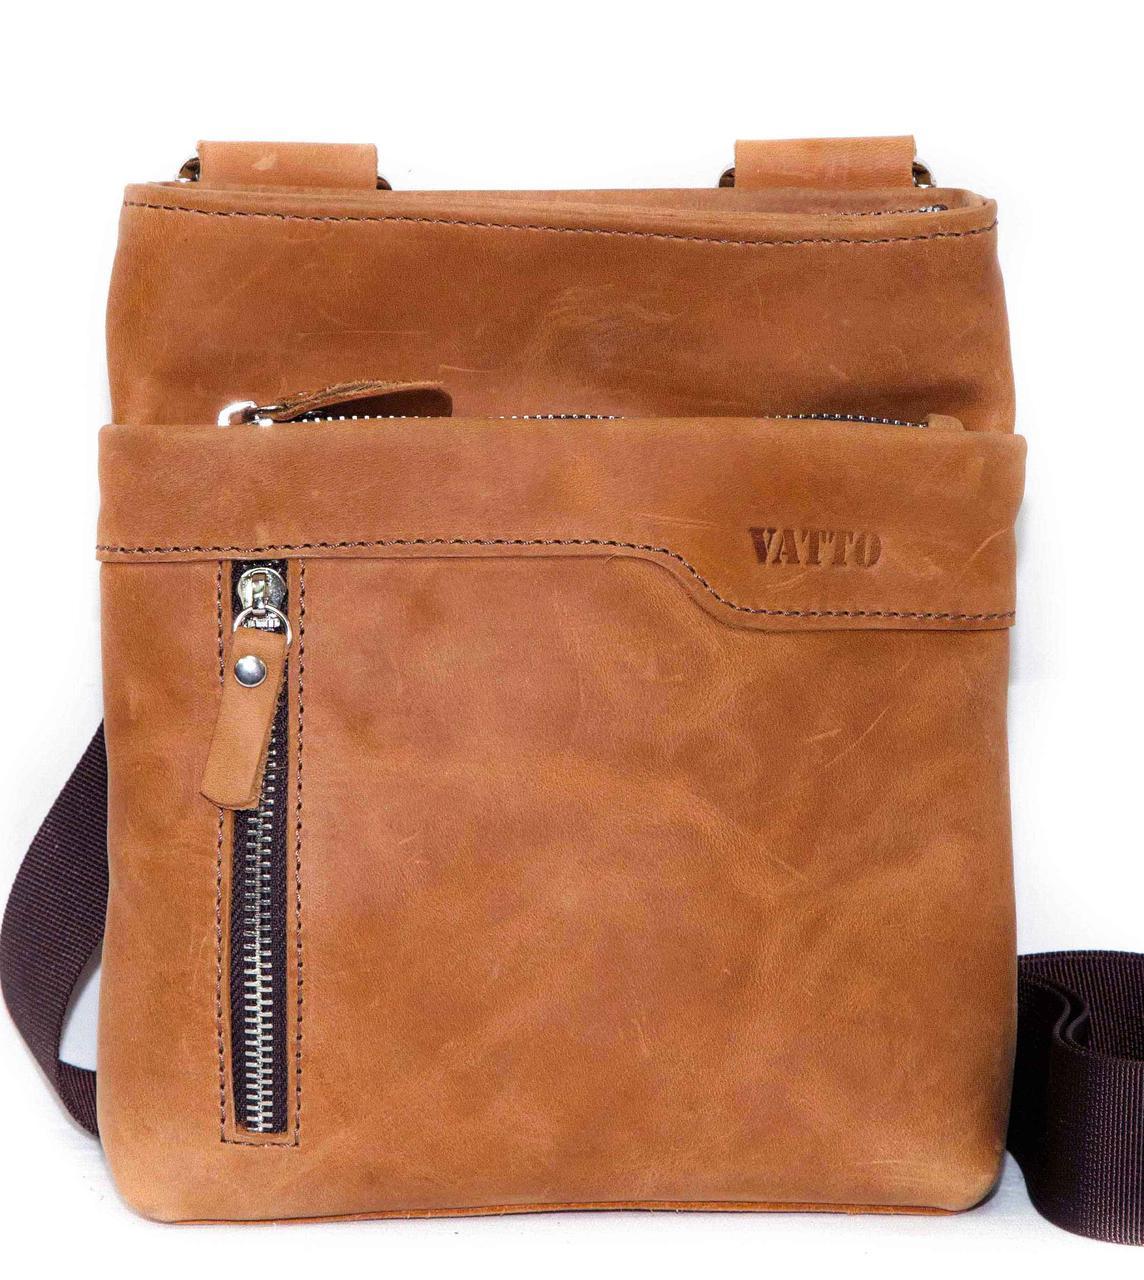 62c209c65e39 Мужская сумка планшетка натуральная кожа рыжая - интернет-магазин BLINOFF в  Днепре